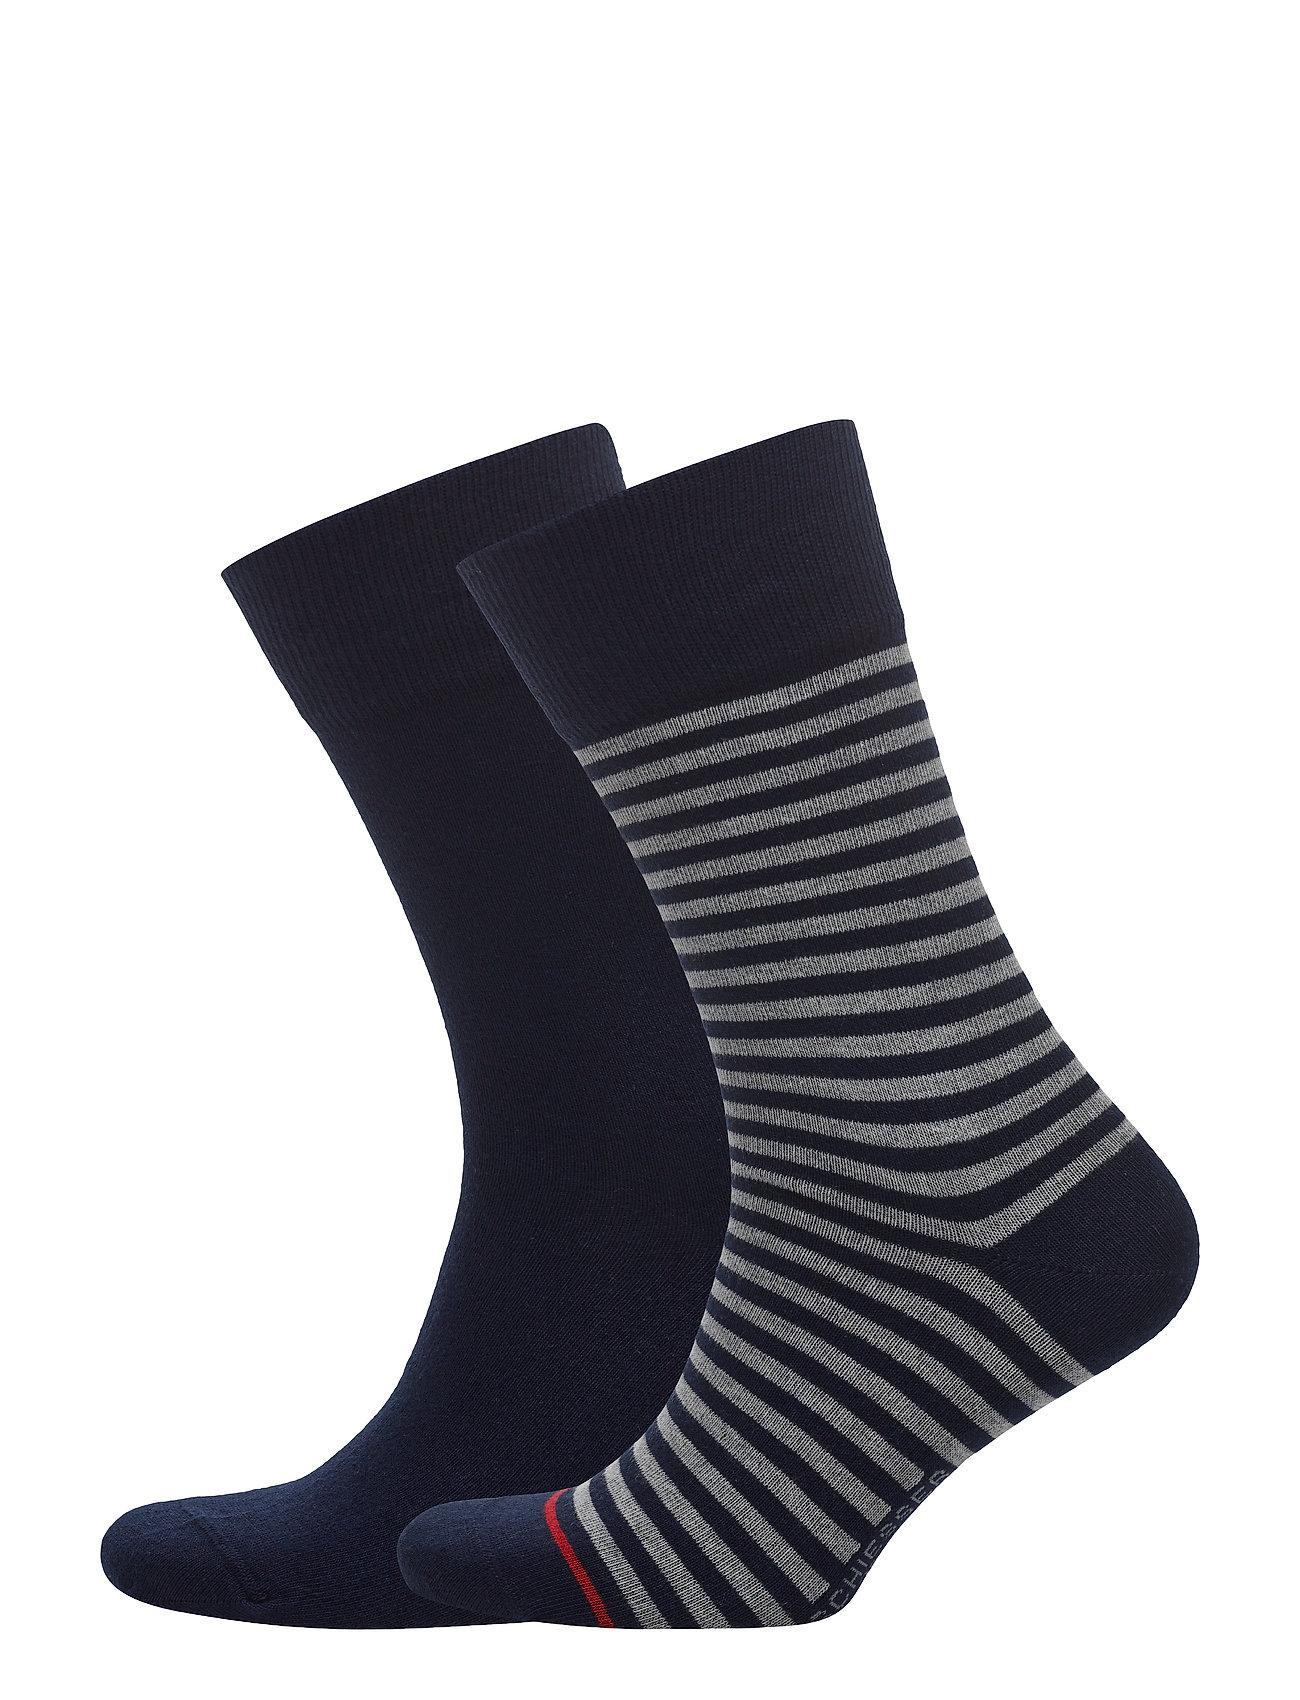 Schiesser Socks - DARK BLUE